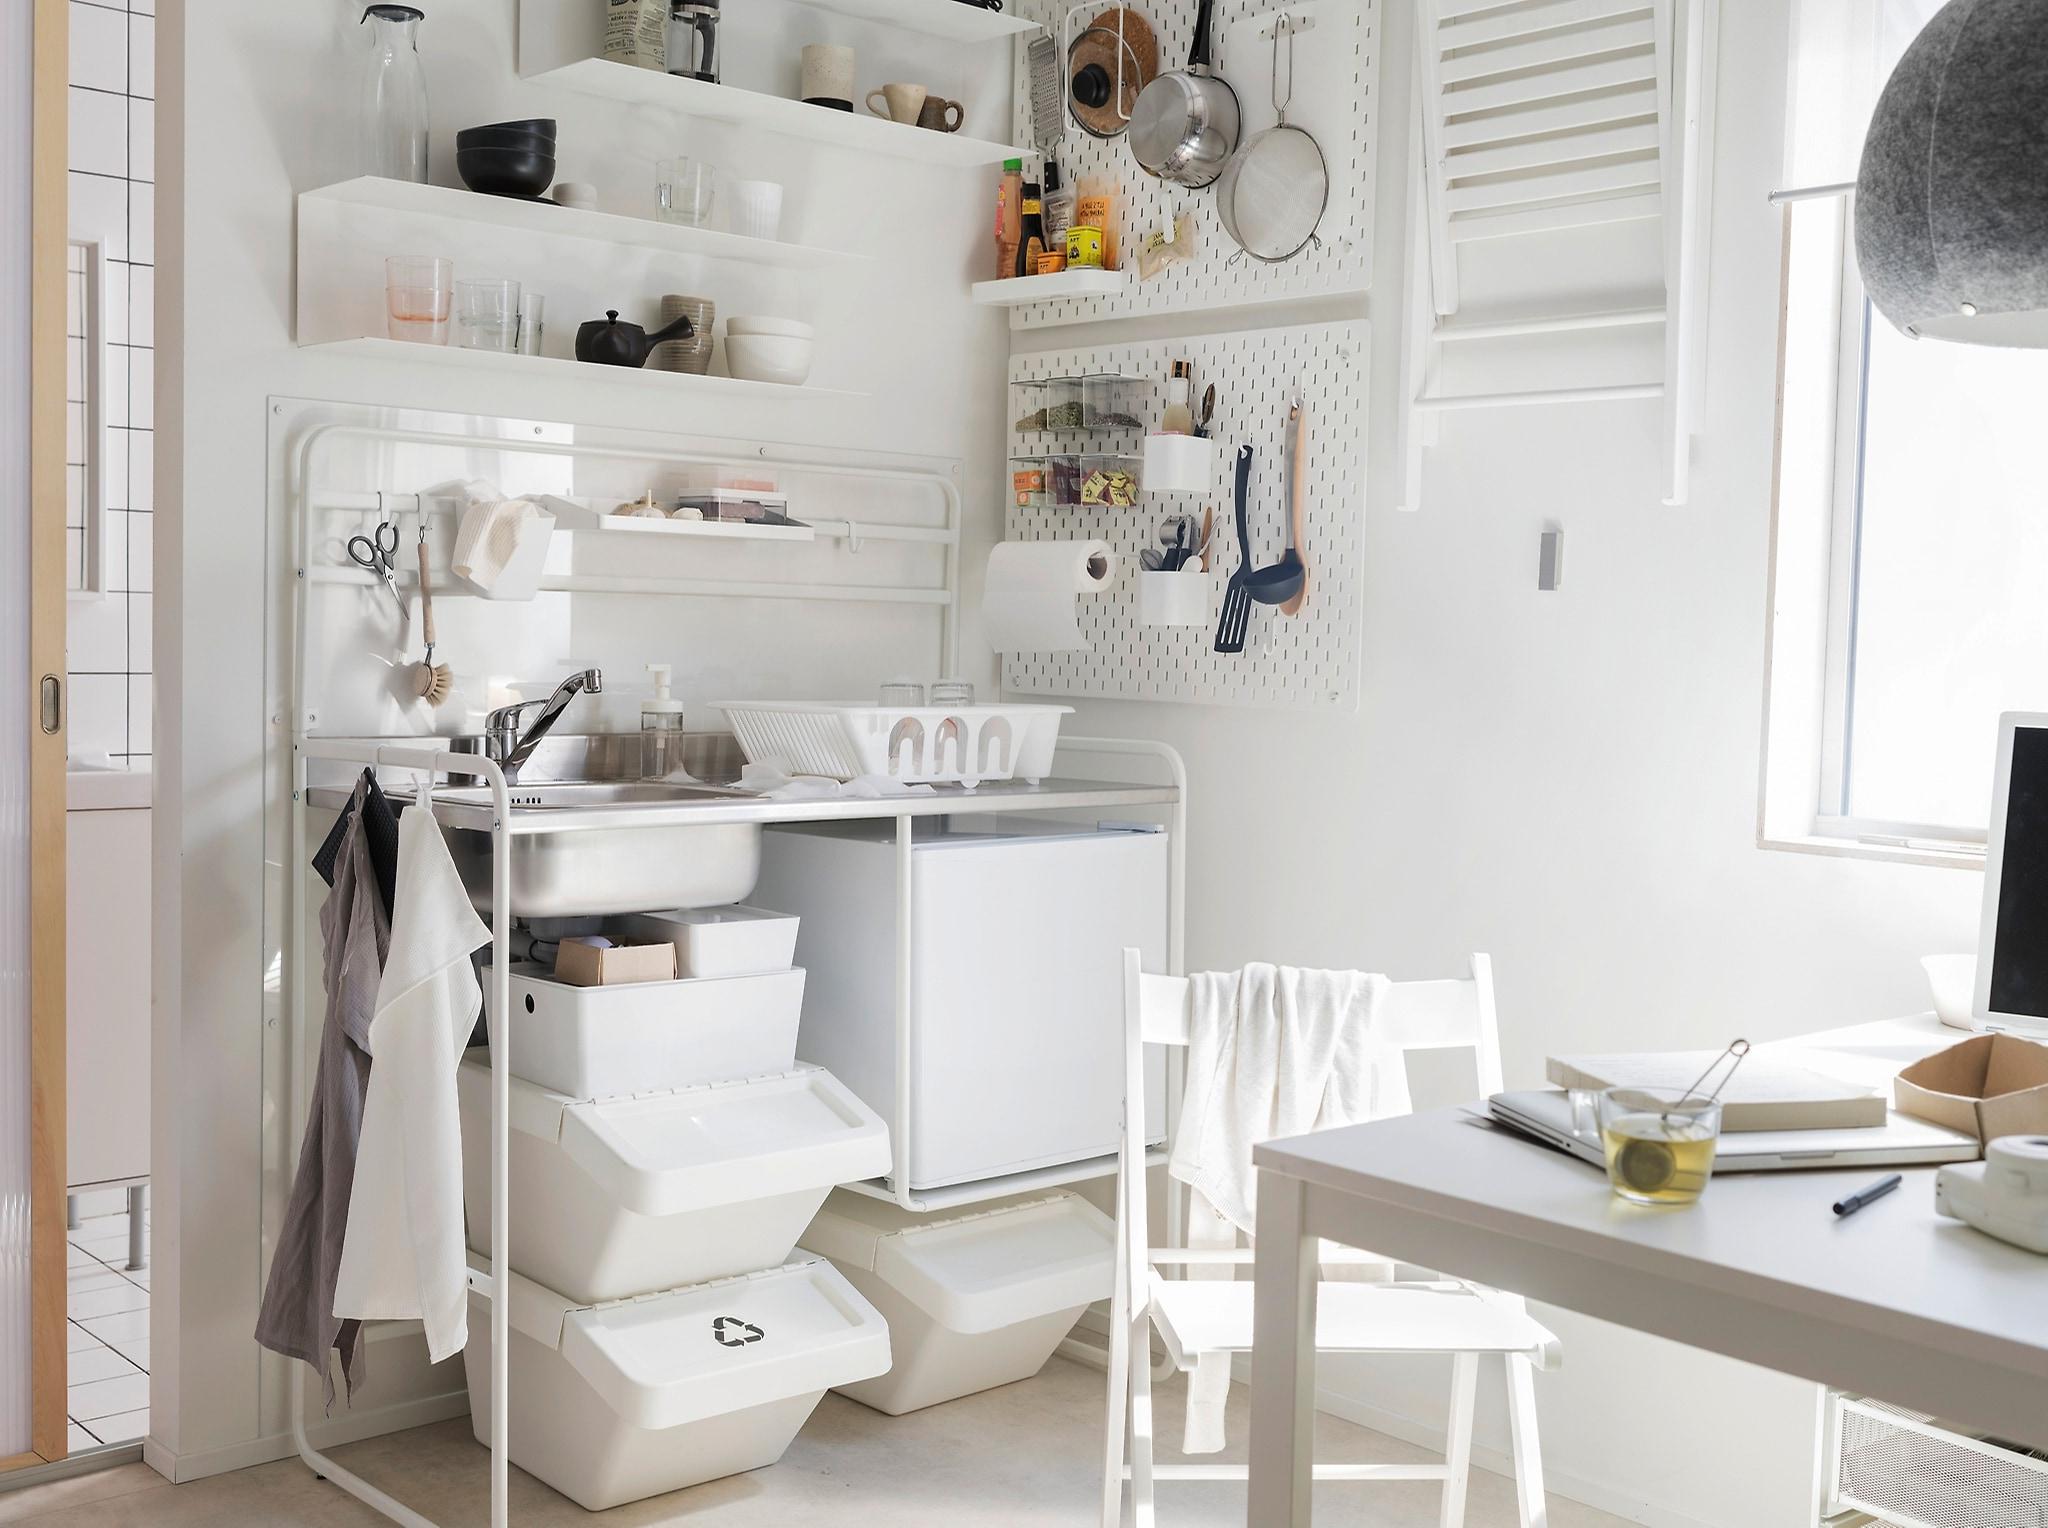 Muebles Ikea Catalogo Jxdu Muebles De Cocina Y Electrodomà Sticos Pra Online Ikea